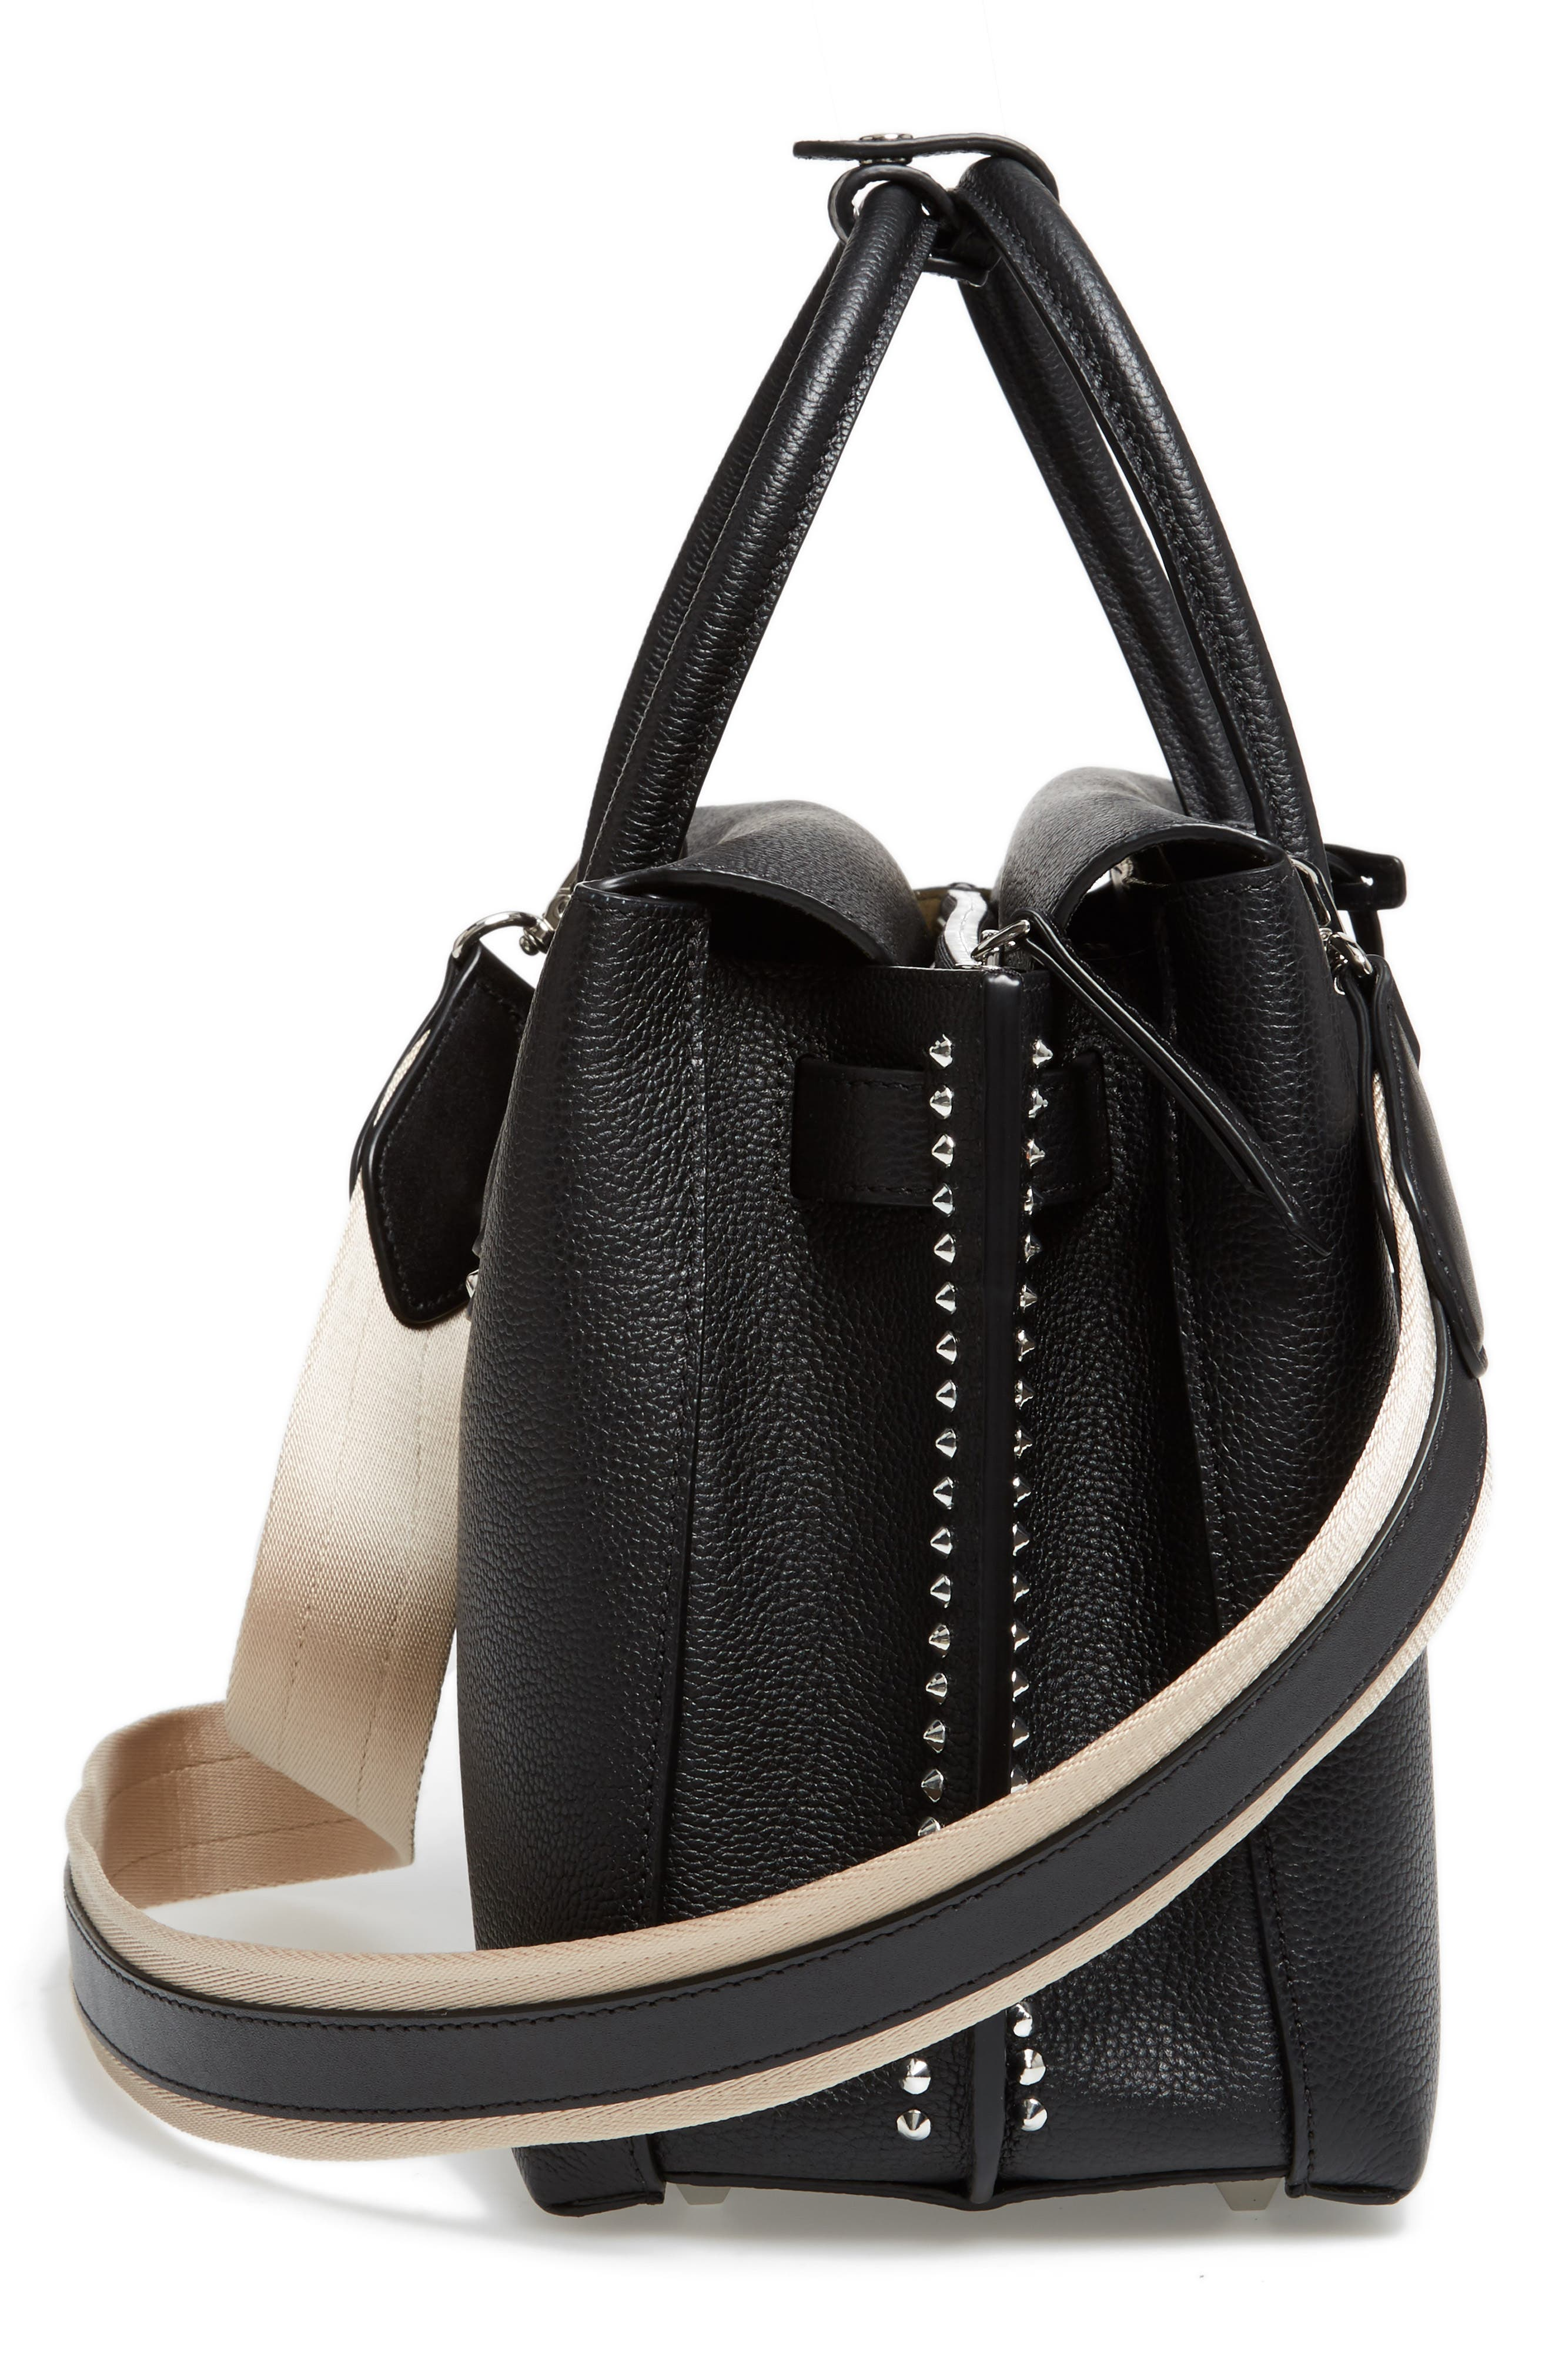 Medium Milla Studded Leather Tote,                             Alternate thumbnail 4, color,                             Black